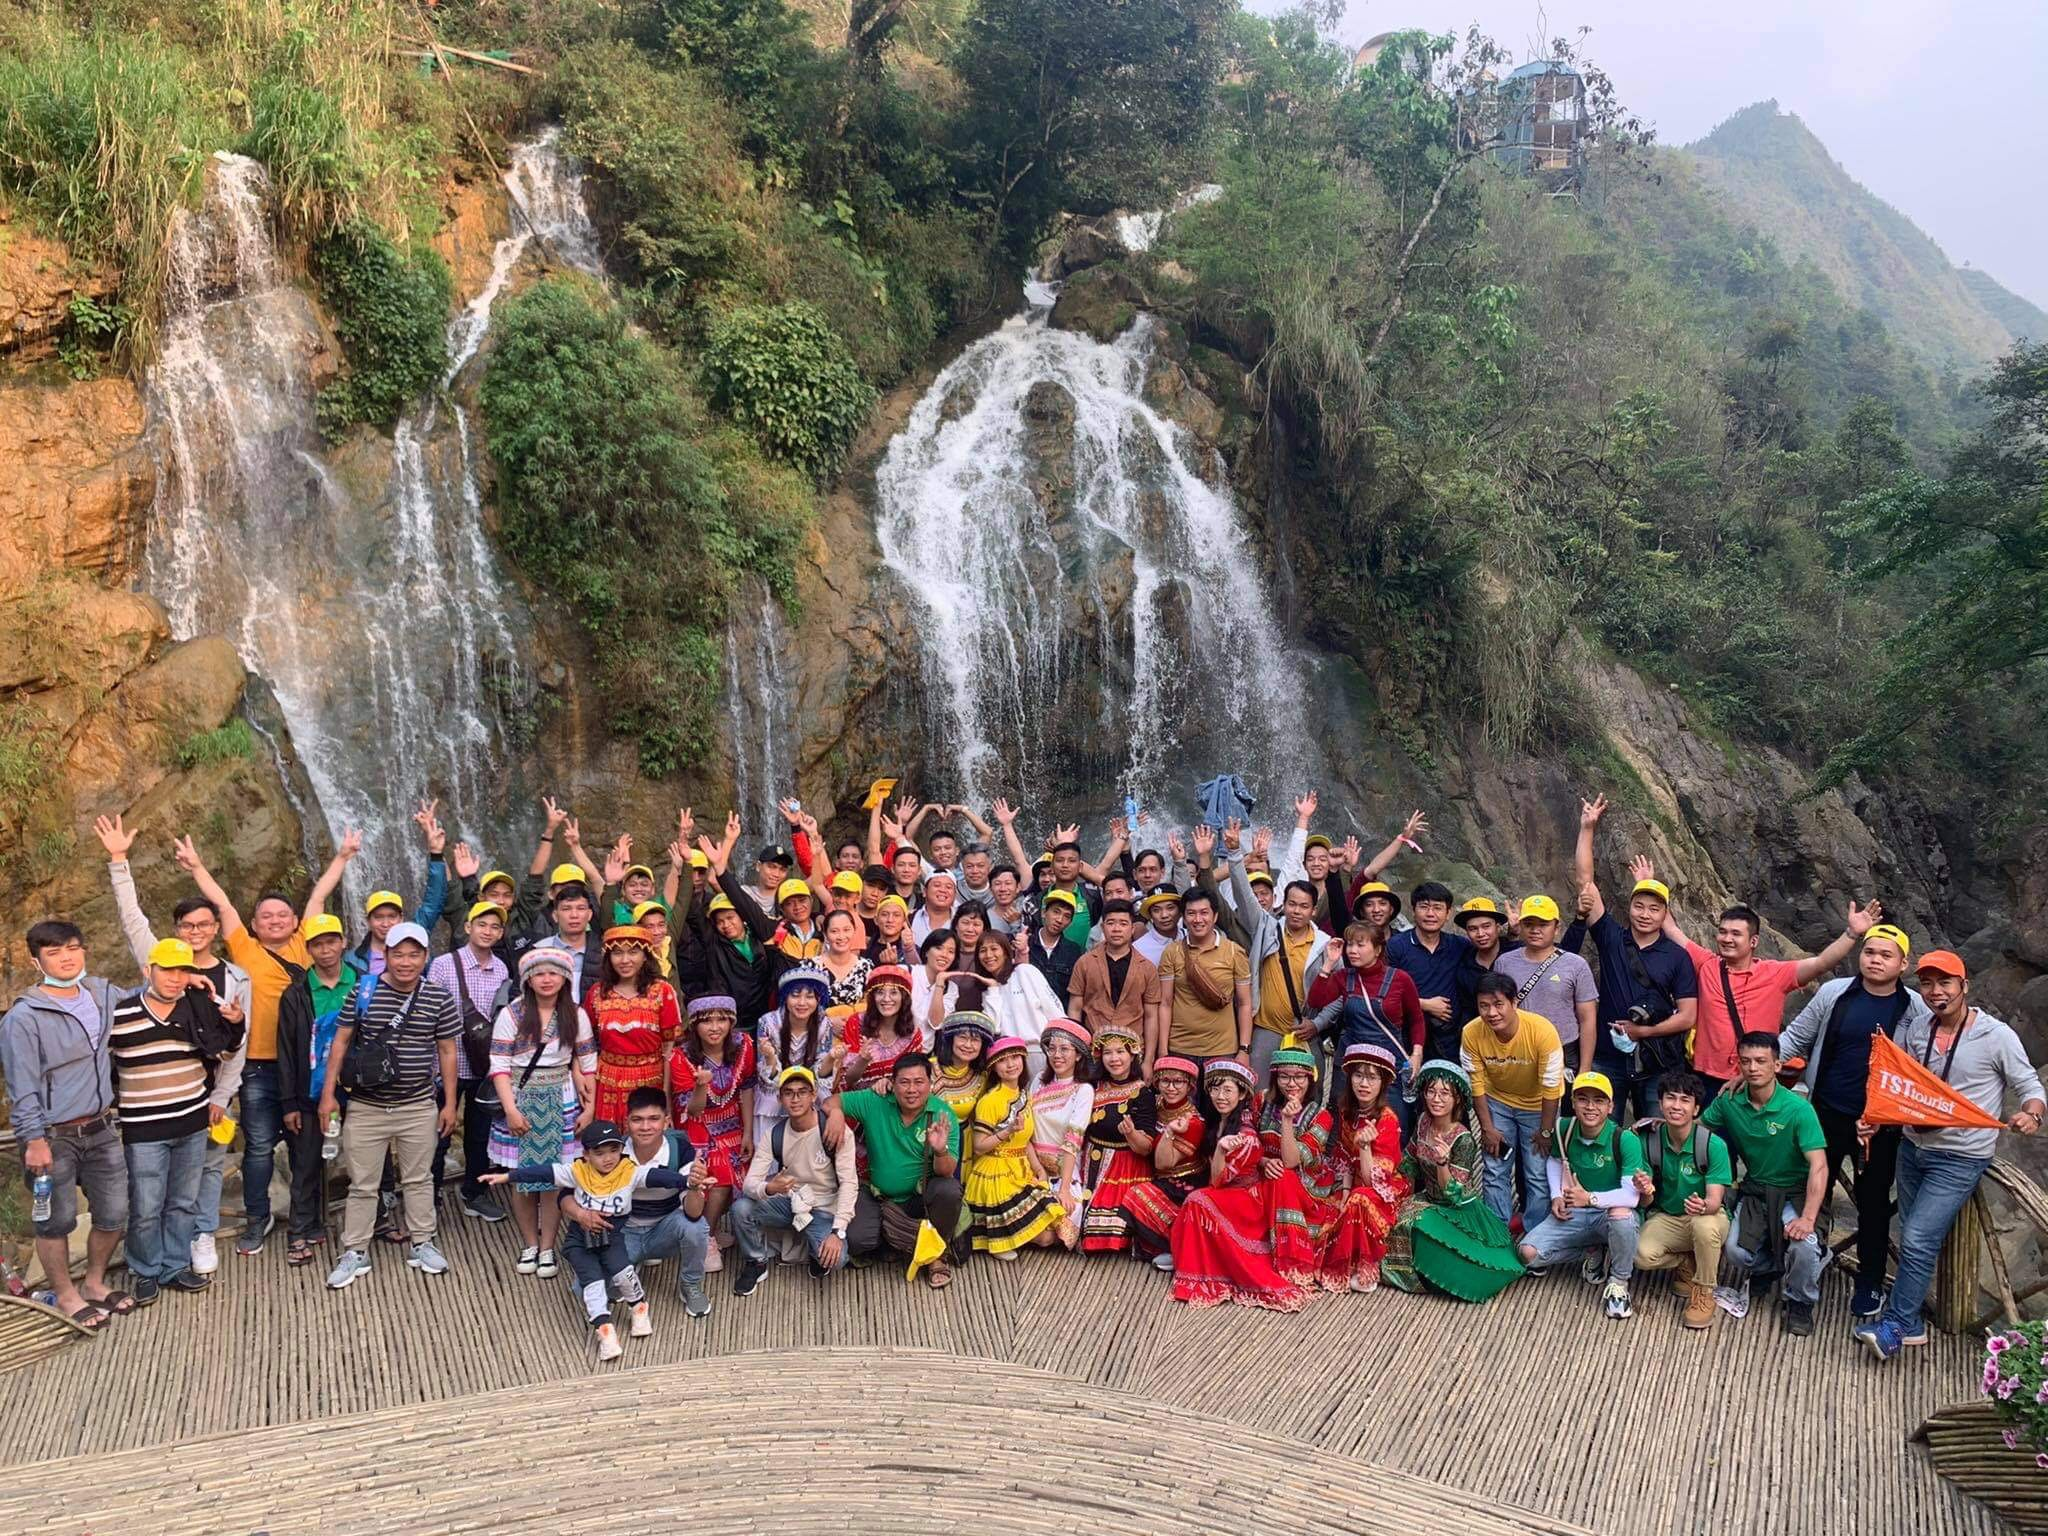 tour du lich 30/4-1/5 anh 1  - 941eb91d49a3bafde3b2 - Mỗi ngày có hàng nghìn khách mua tour du lịch 30/4-1/5